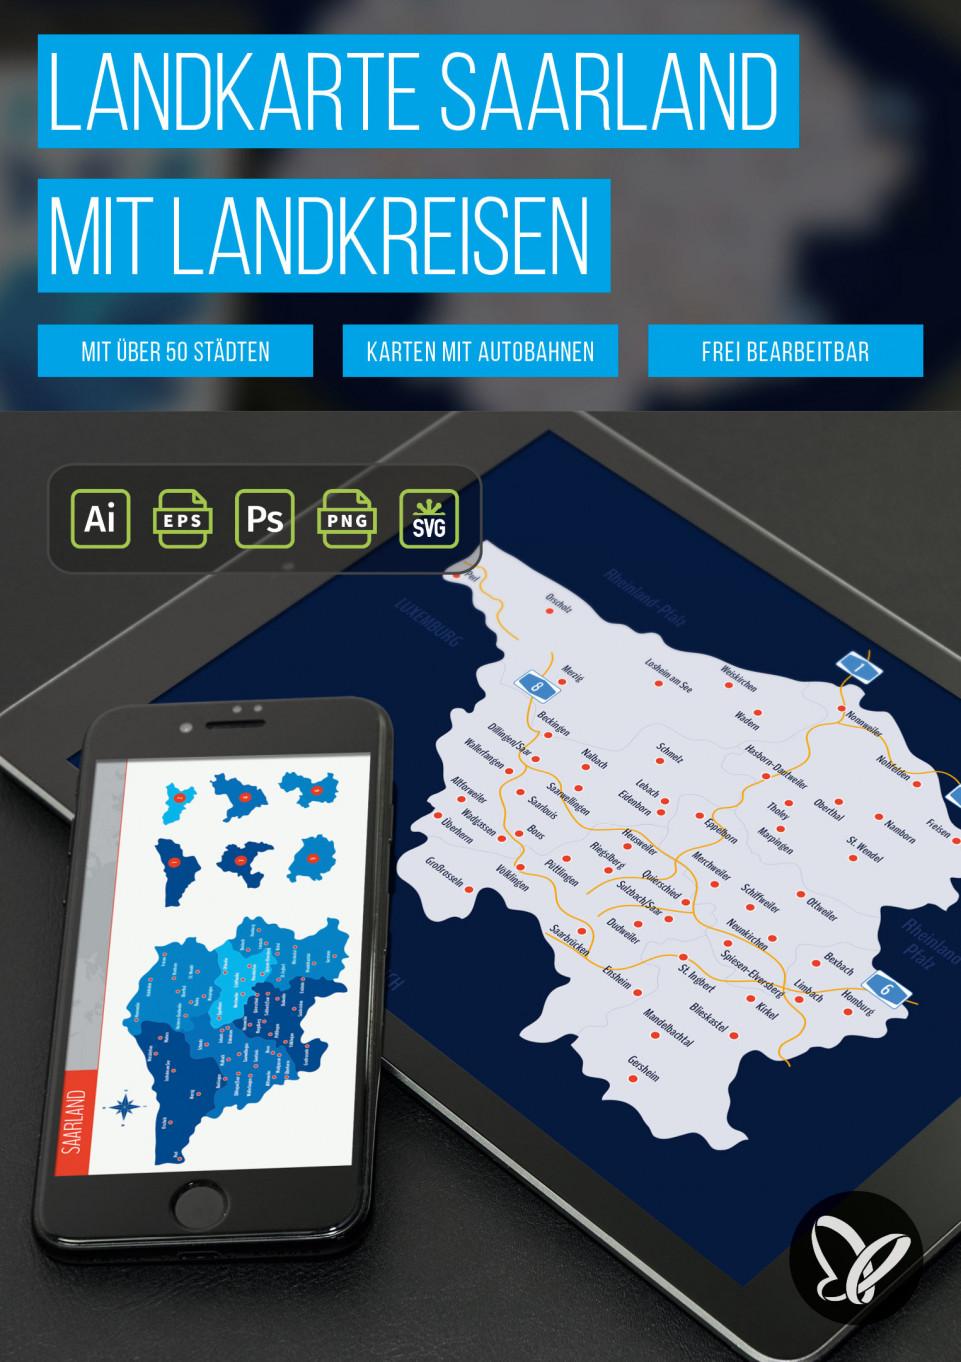 Landkarte Saarland mit Landkreisen